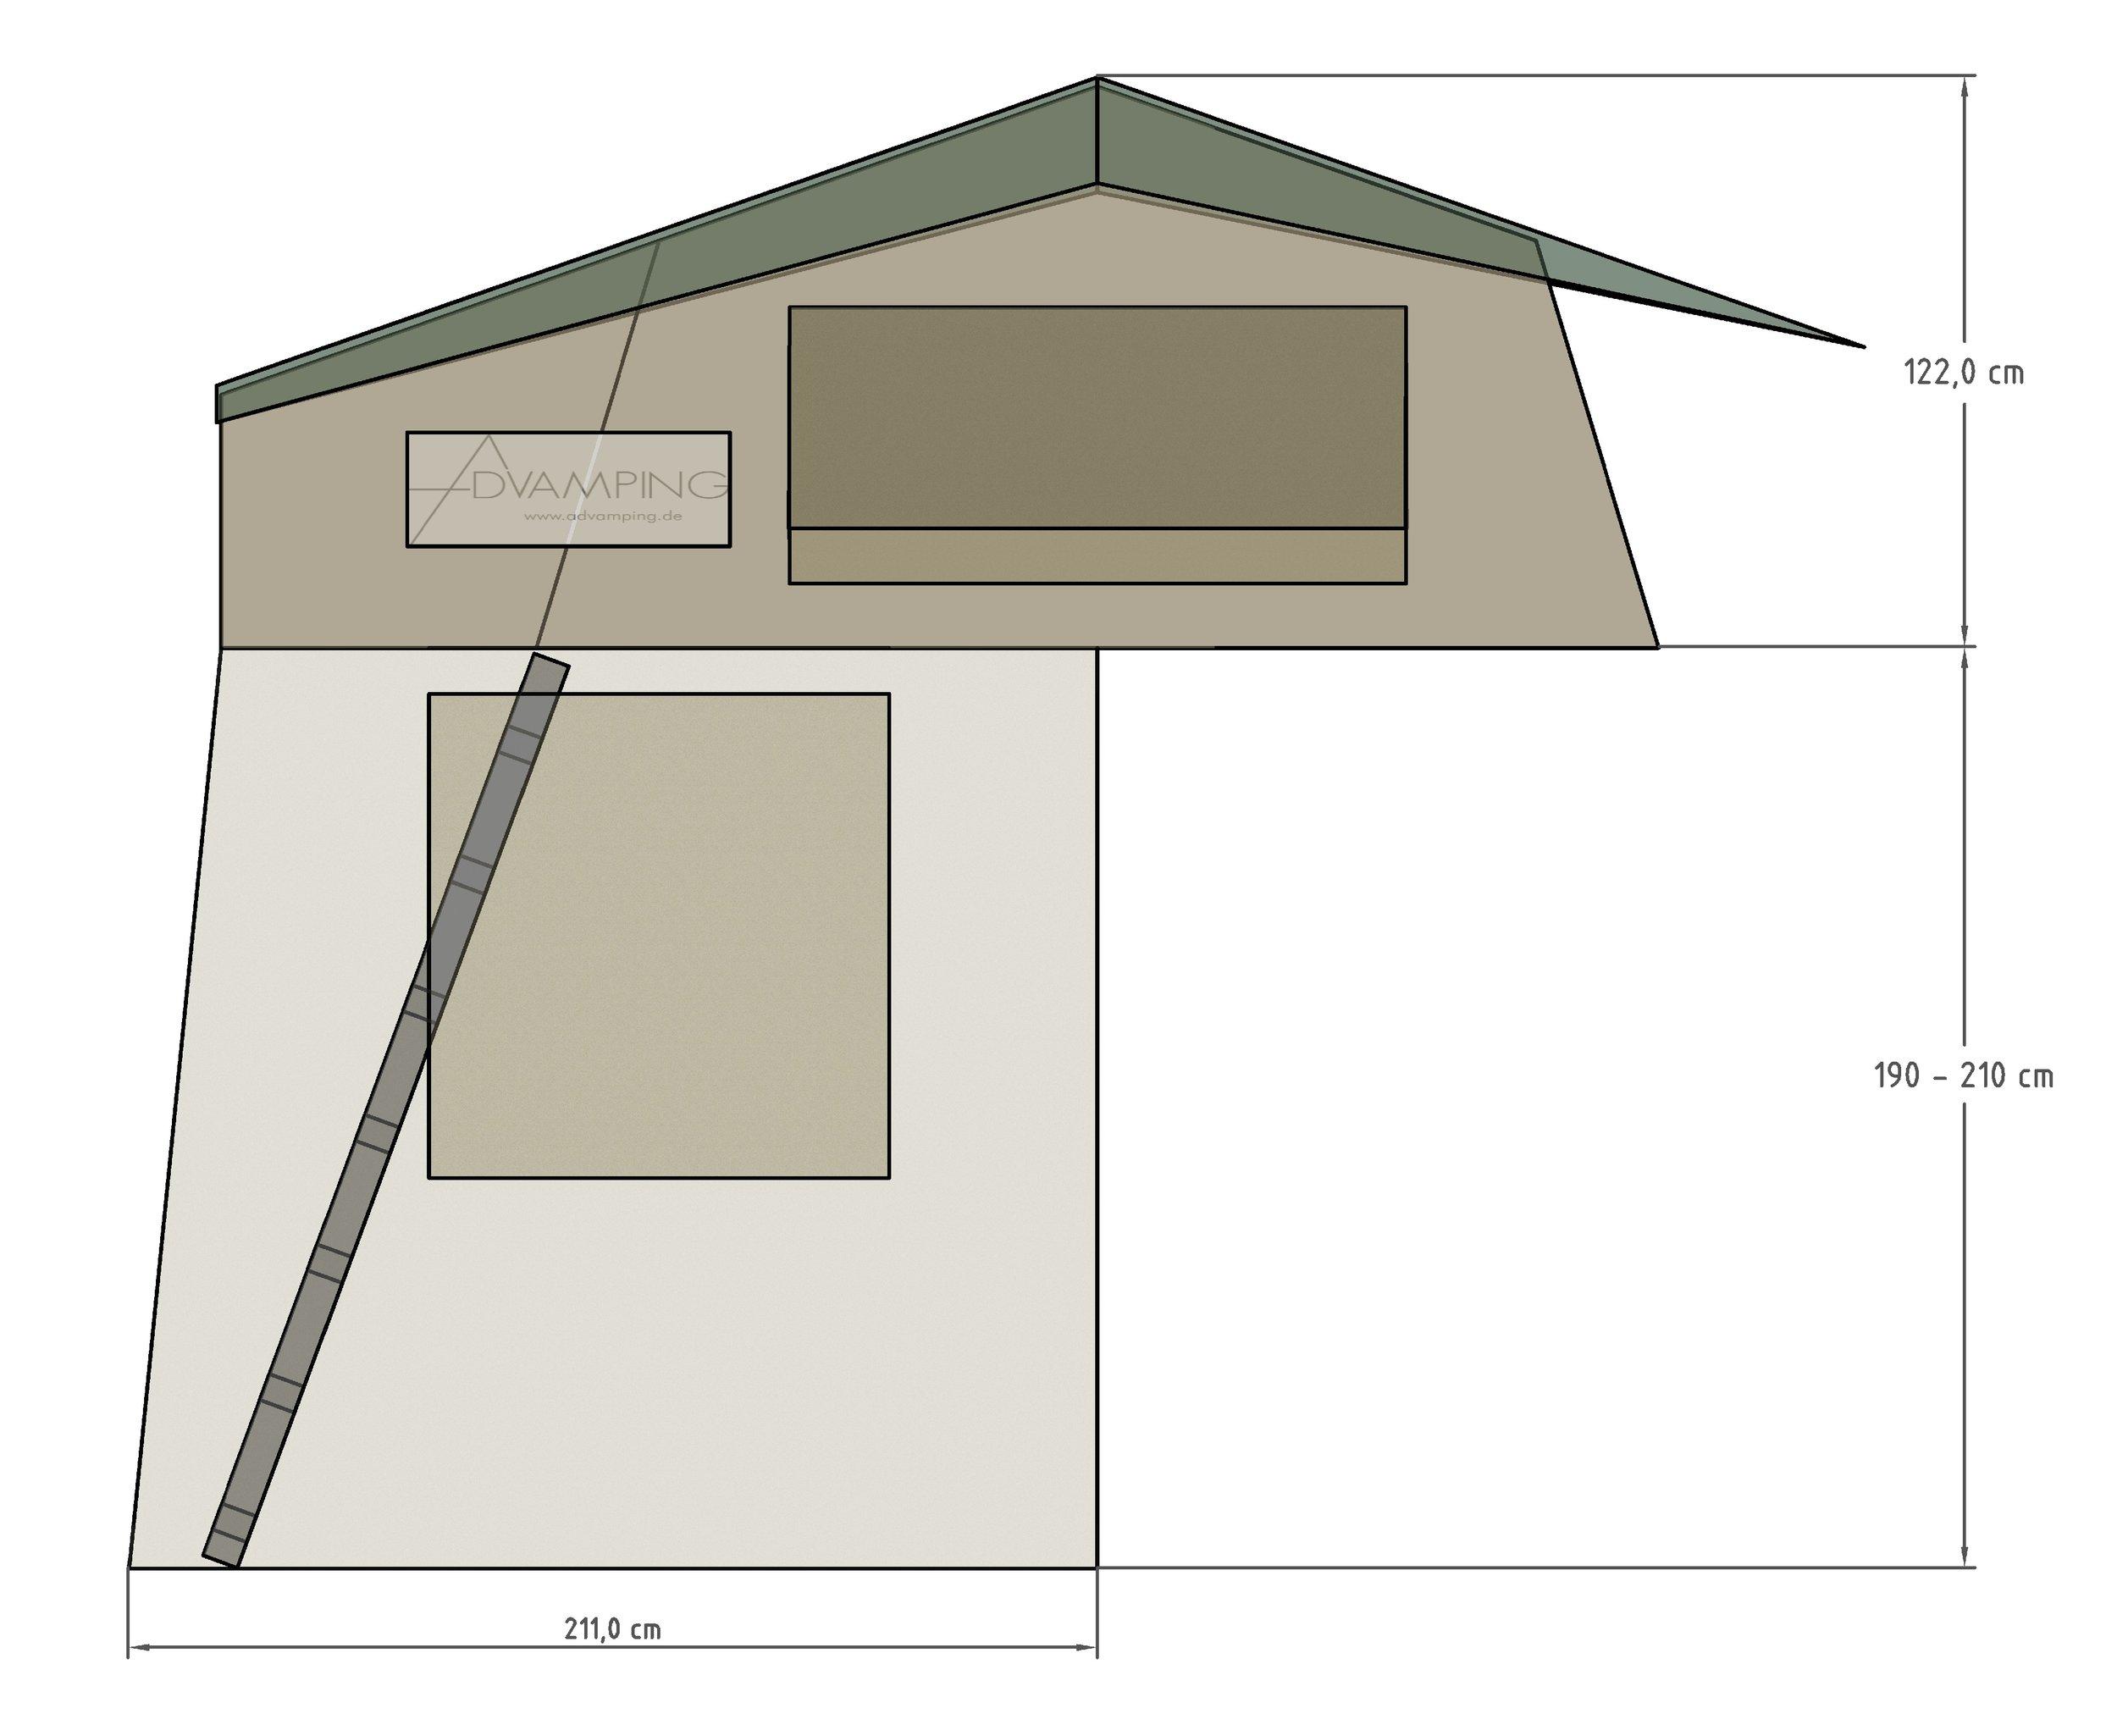 6b Tent Medium 2 sky old fly mit Annex Beige_old Green.jpg